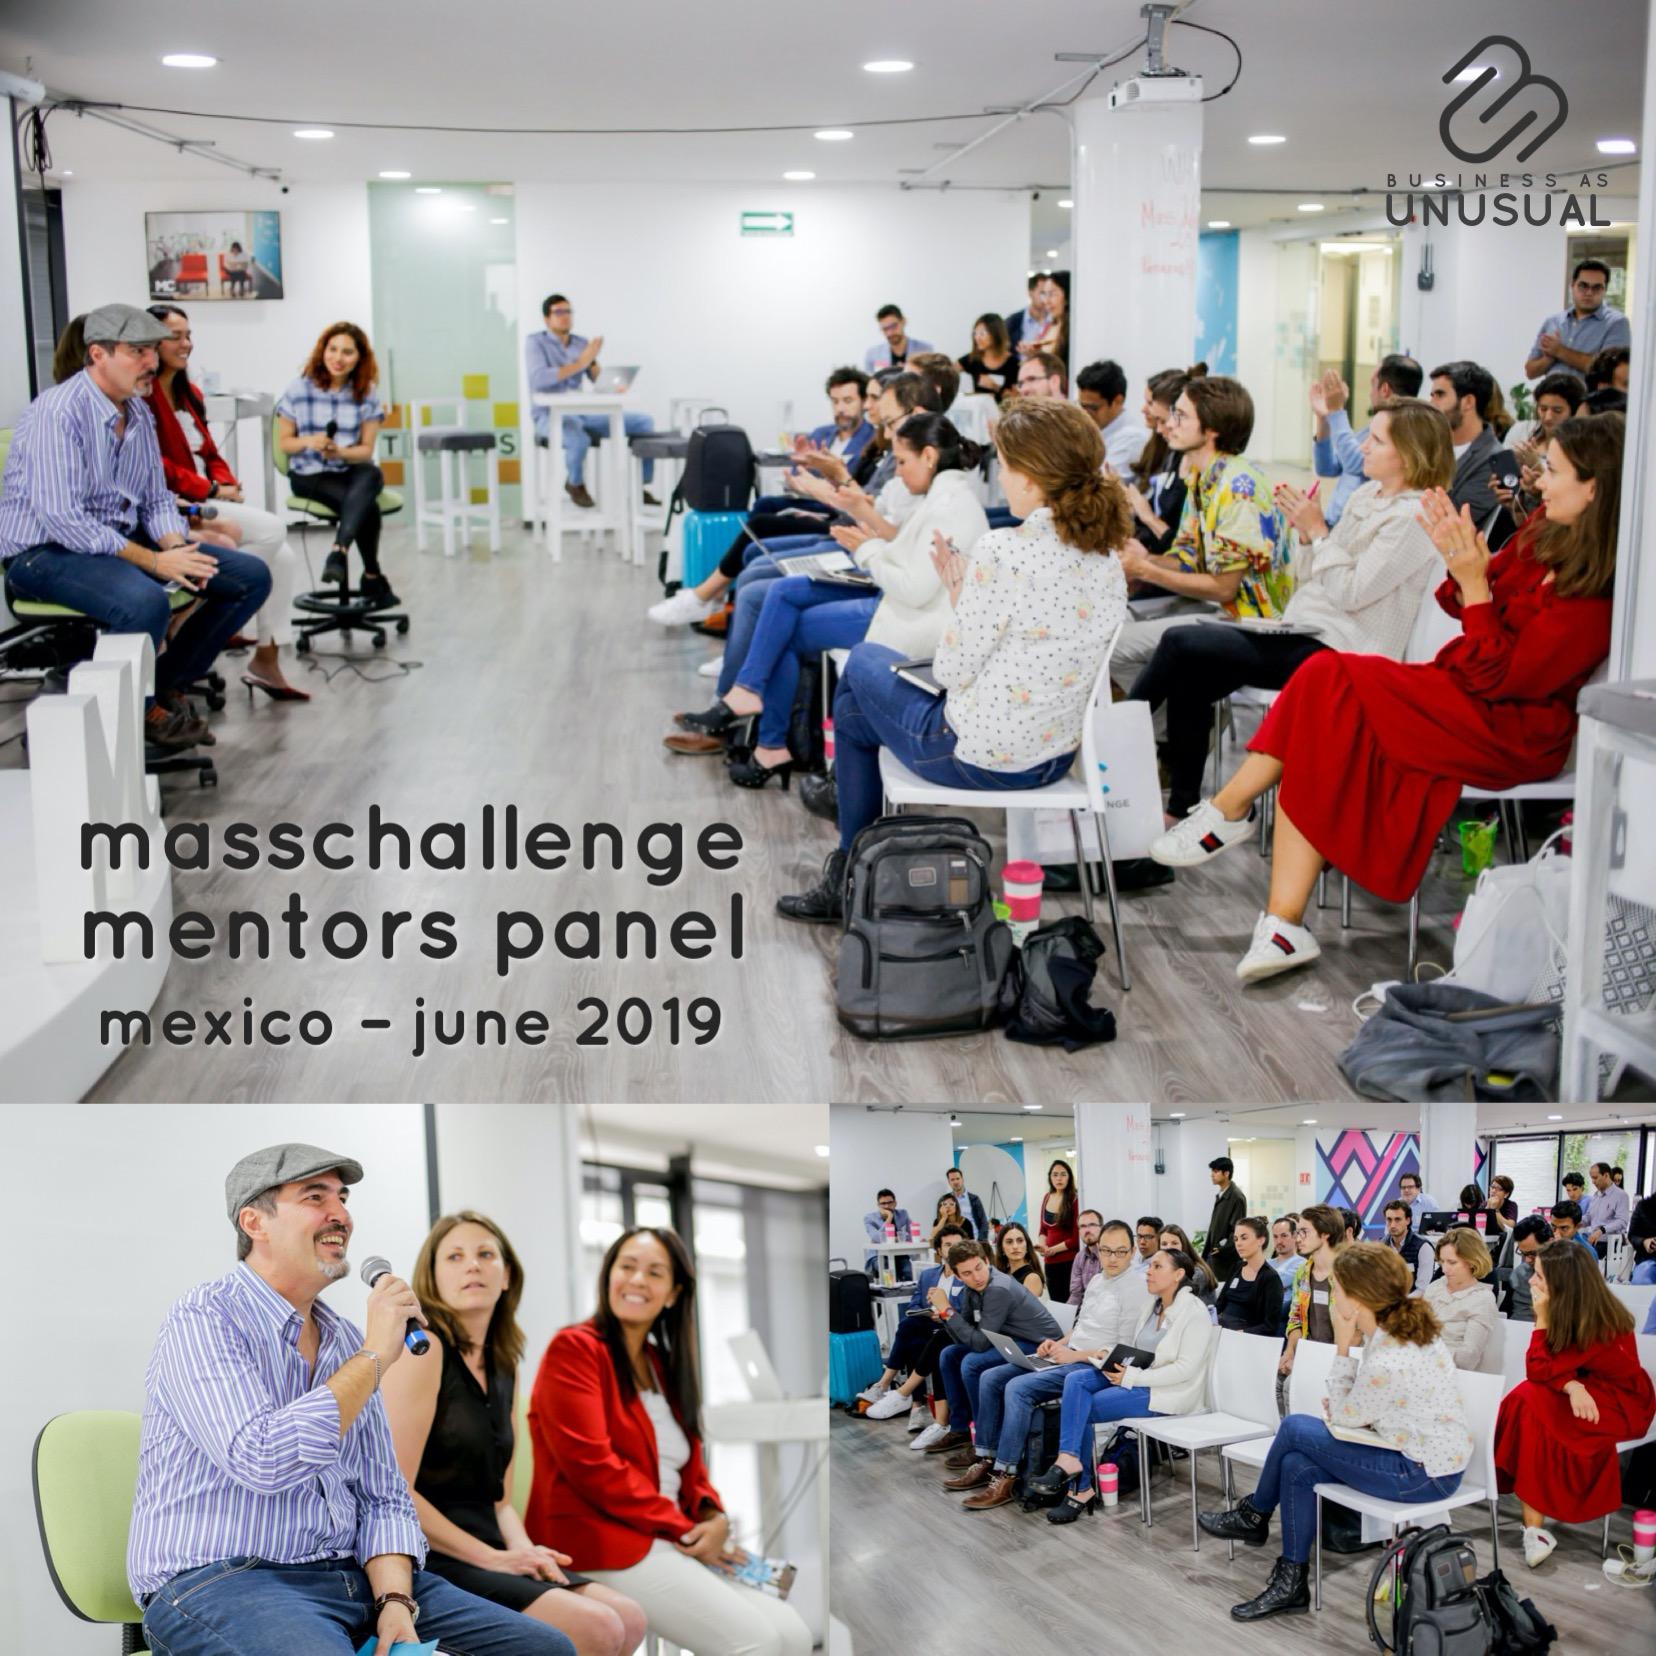 Masschallenge Mexico - Mentors Panel - June 2019